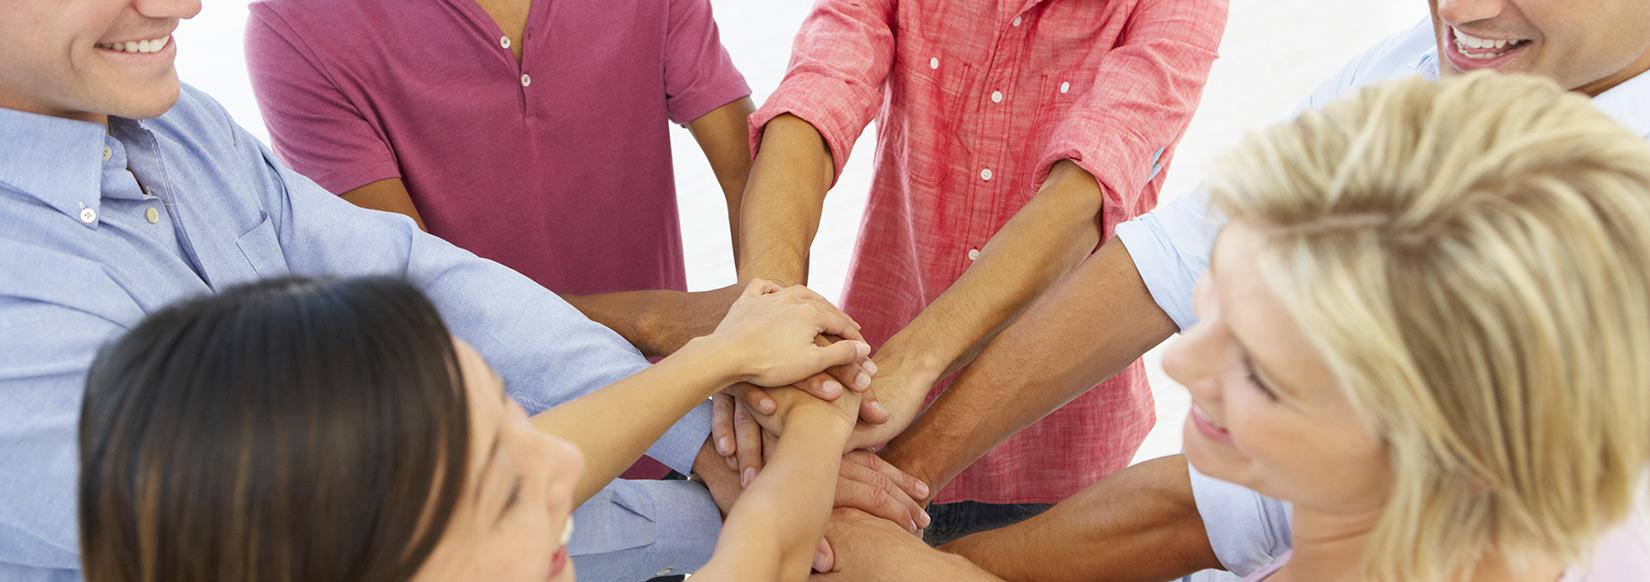 organiser-un-team-building-entreprise-geneve-dans-le-12000